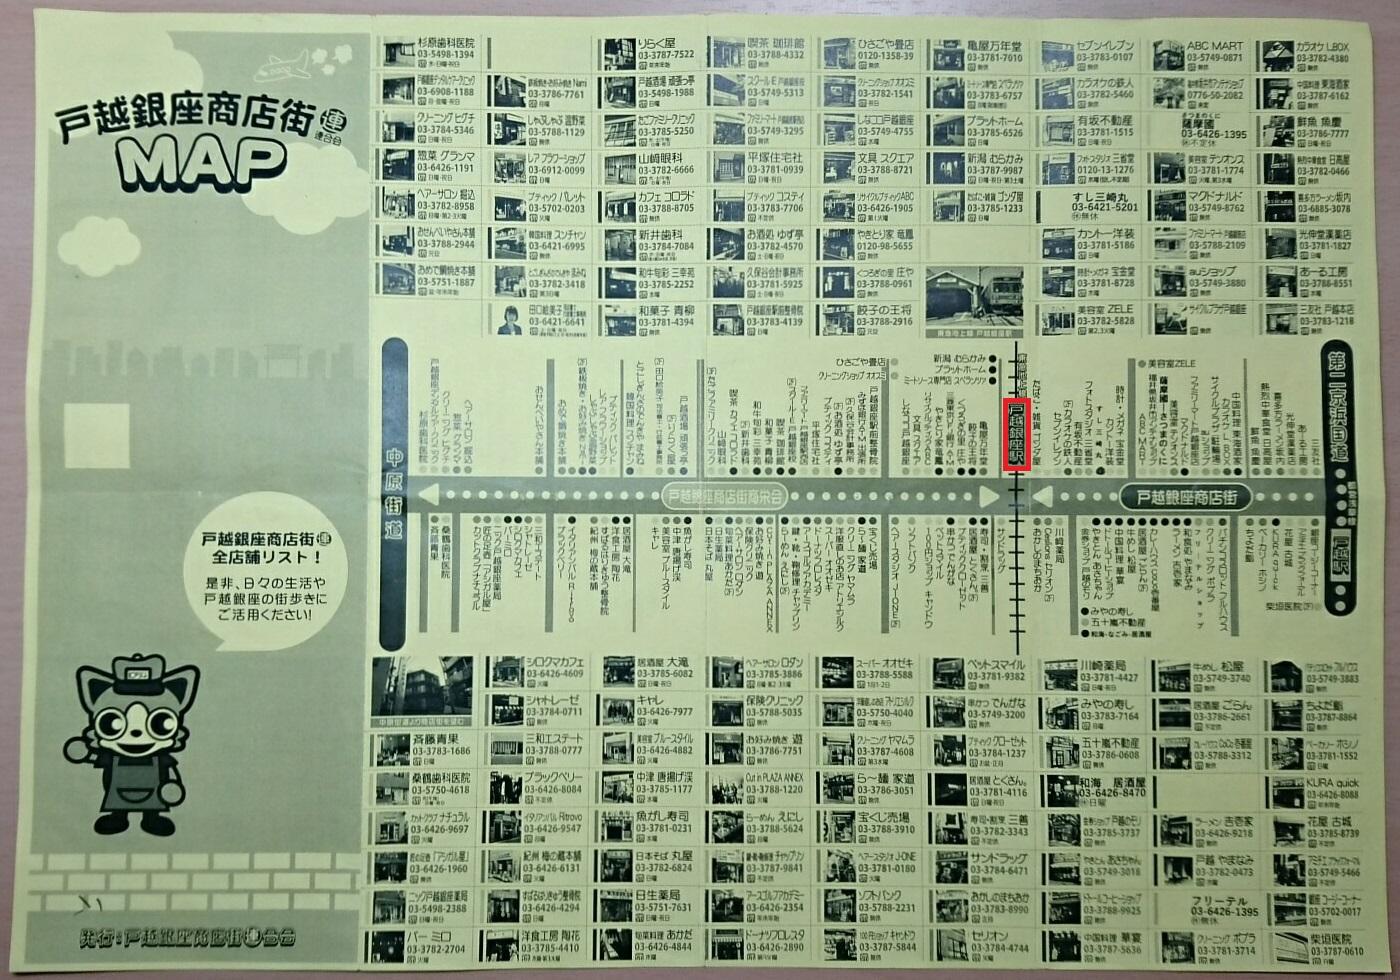 戸越銀座商店街の地図(おもて) 1400-980